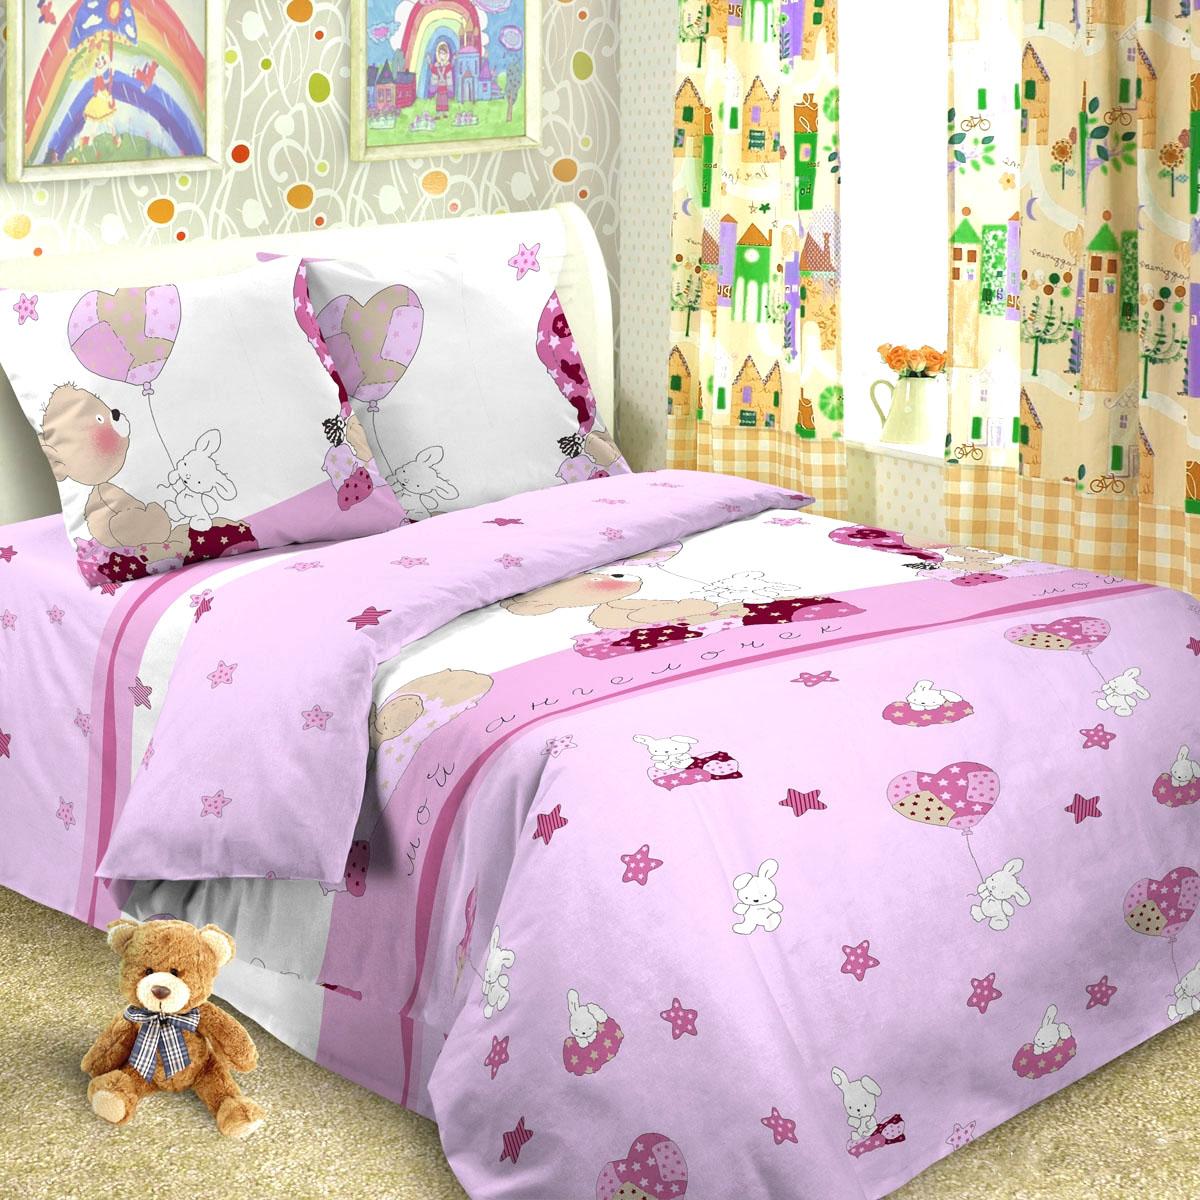 Letto Комплект в кроватку Ясли с простыней на резинке BGR-37 -  Постельное белье